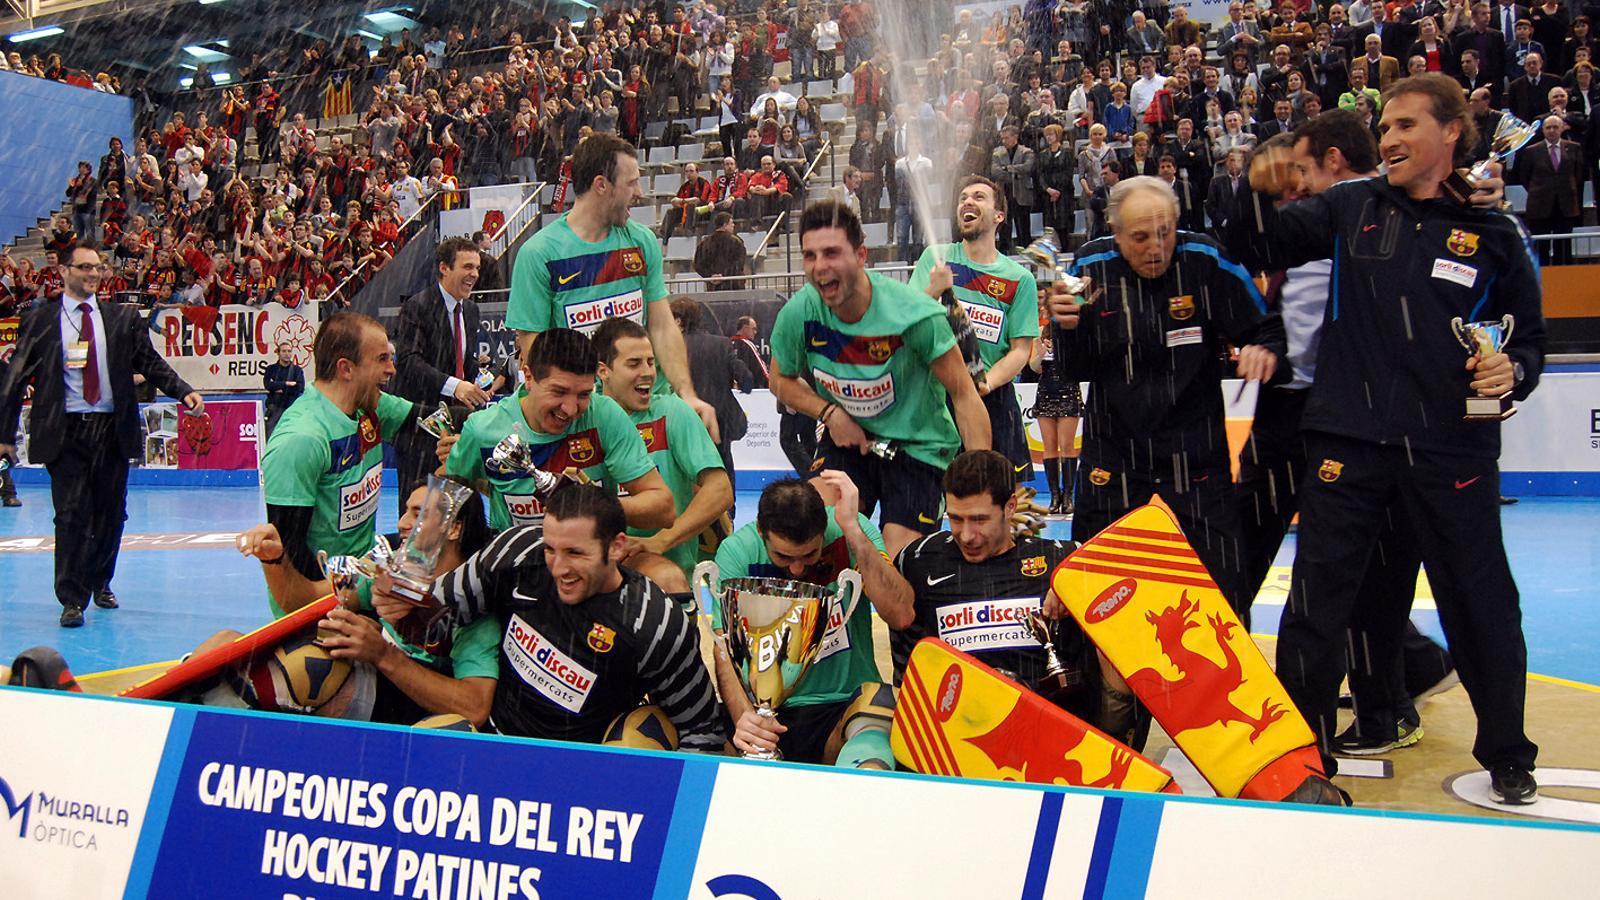 Campions quatre anys més tard La Copa del Rei se li escapava últimament al Barça d'hoquei patins. No la guanyava des del 2007. / LAIA SOLANELLAS / DELCAMP.CAT